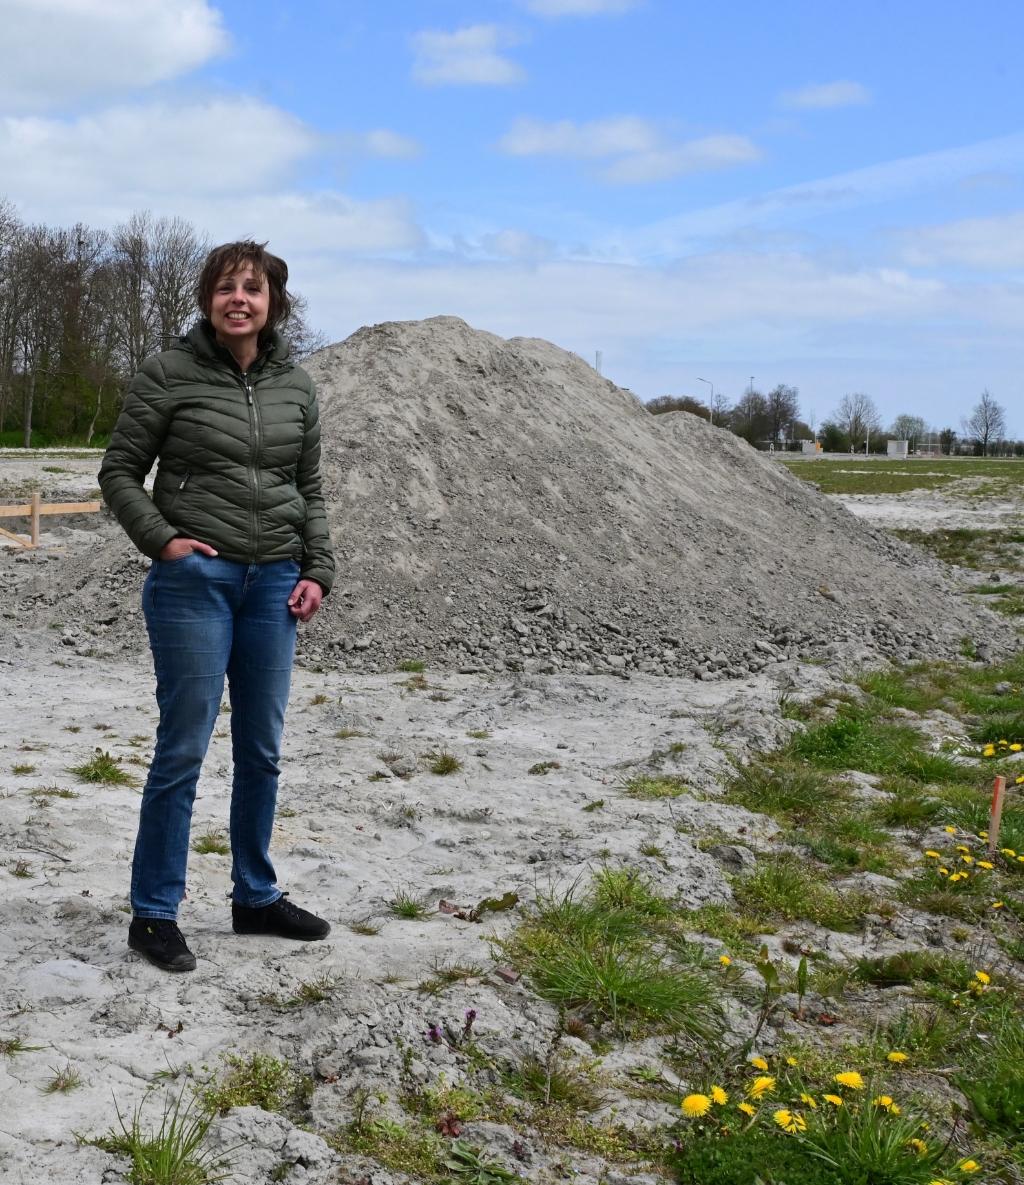 Annemieke gelukkig op eigen stukje grond. Foto: Aangeleverd © rodi